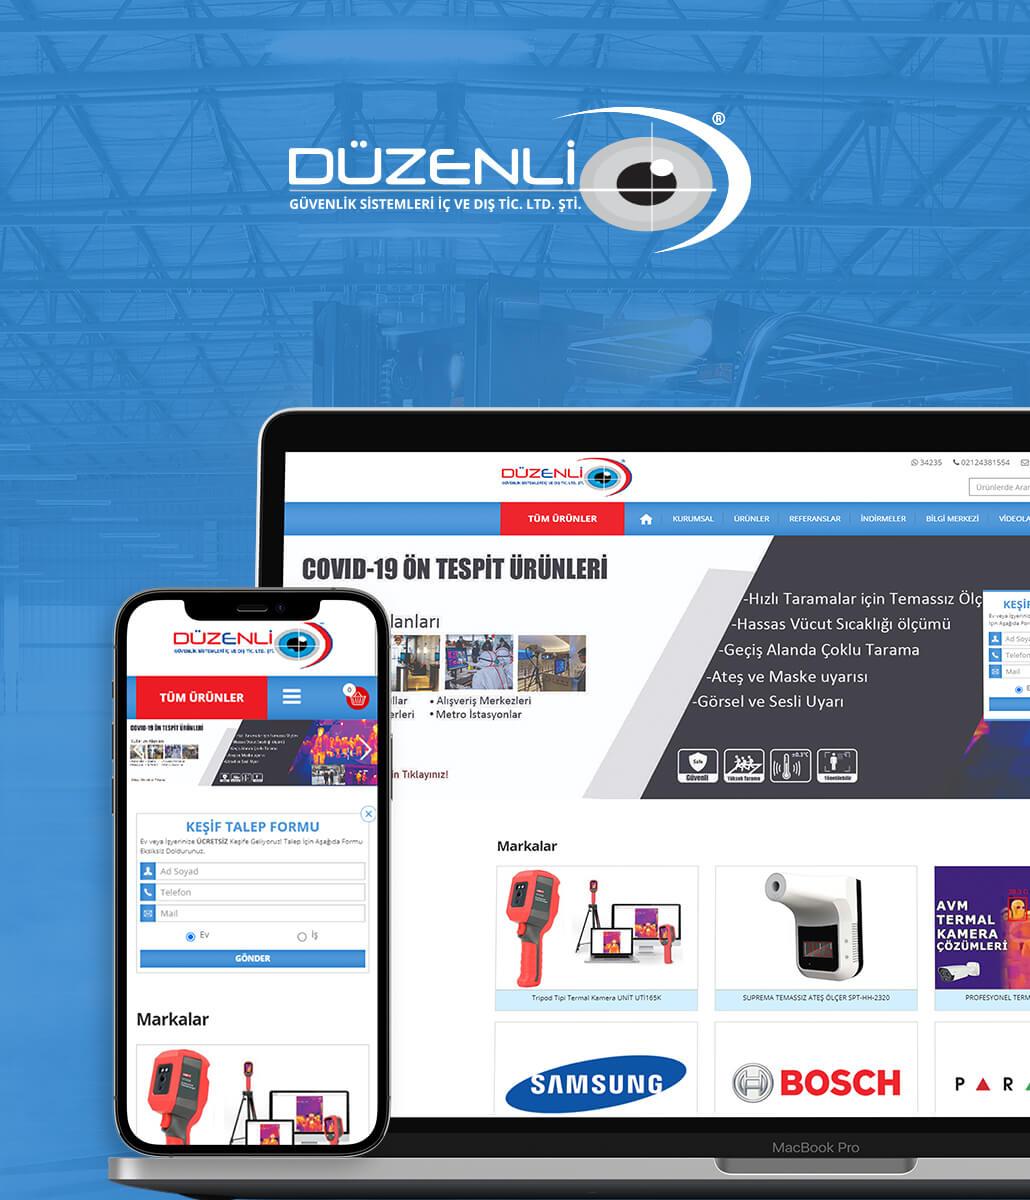 Düzenli Elektronik Web Tasarım